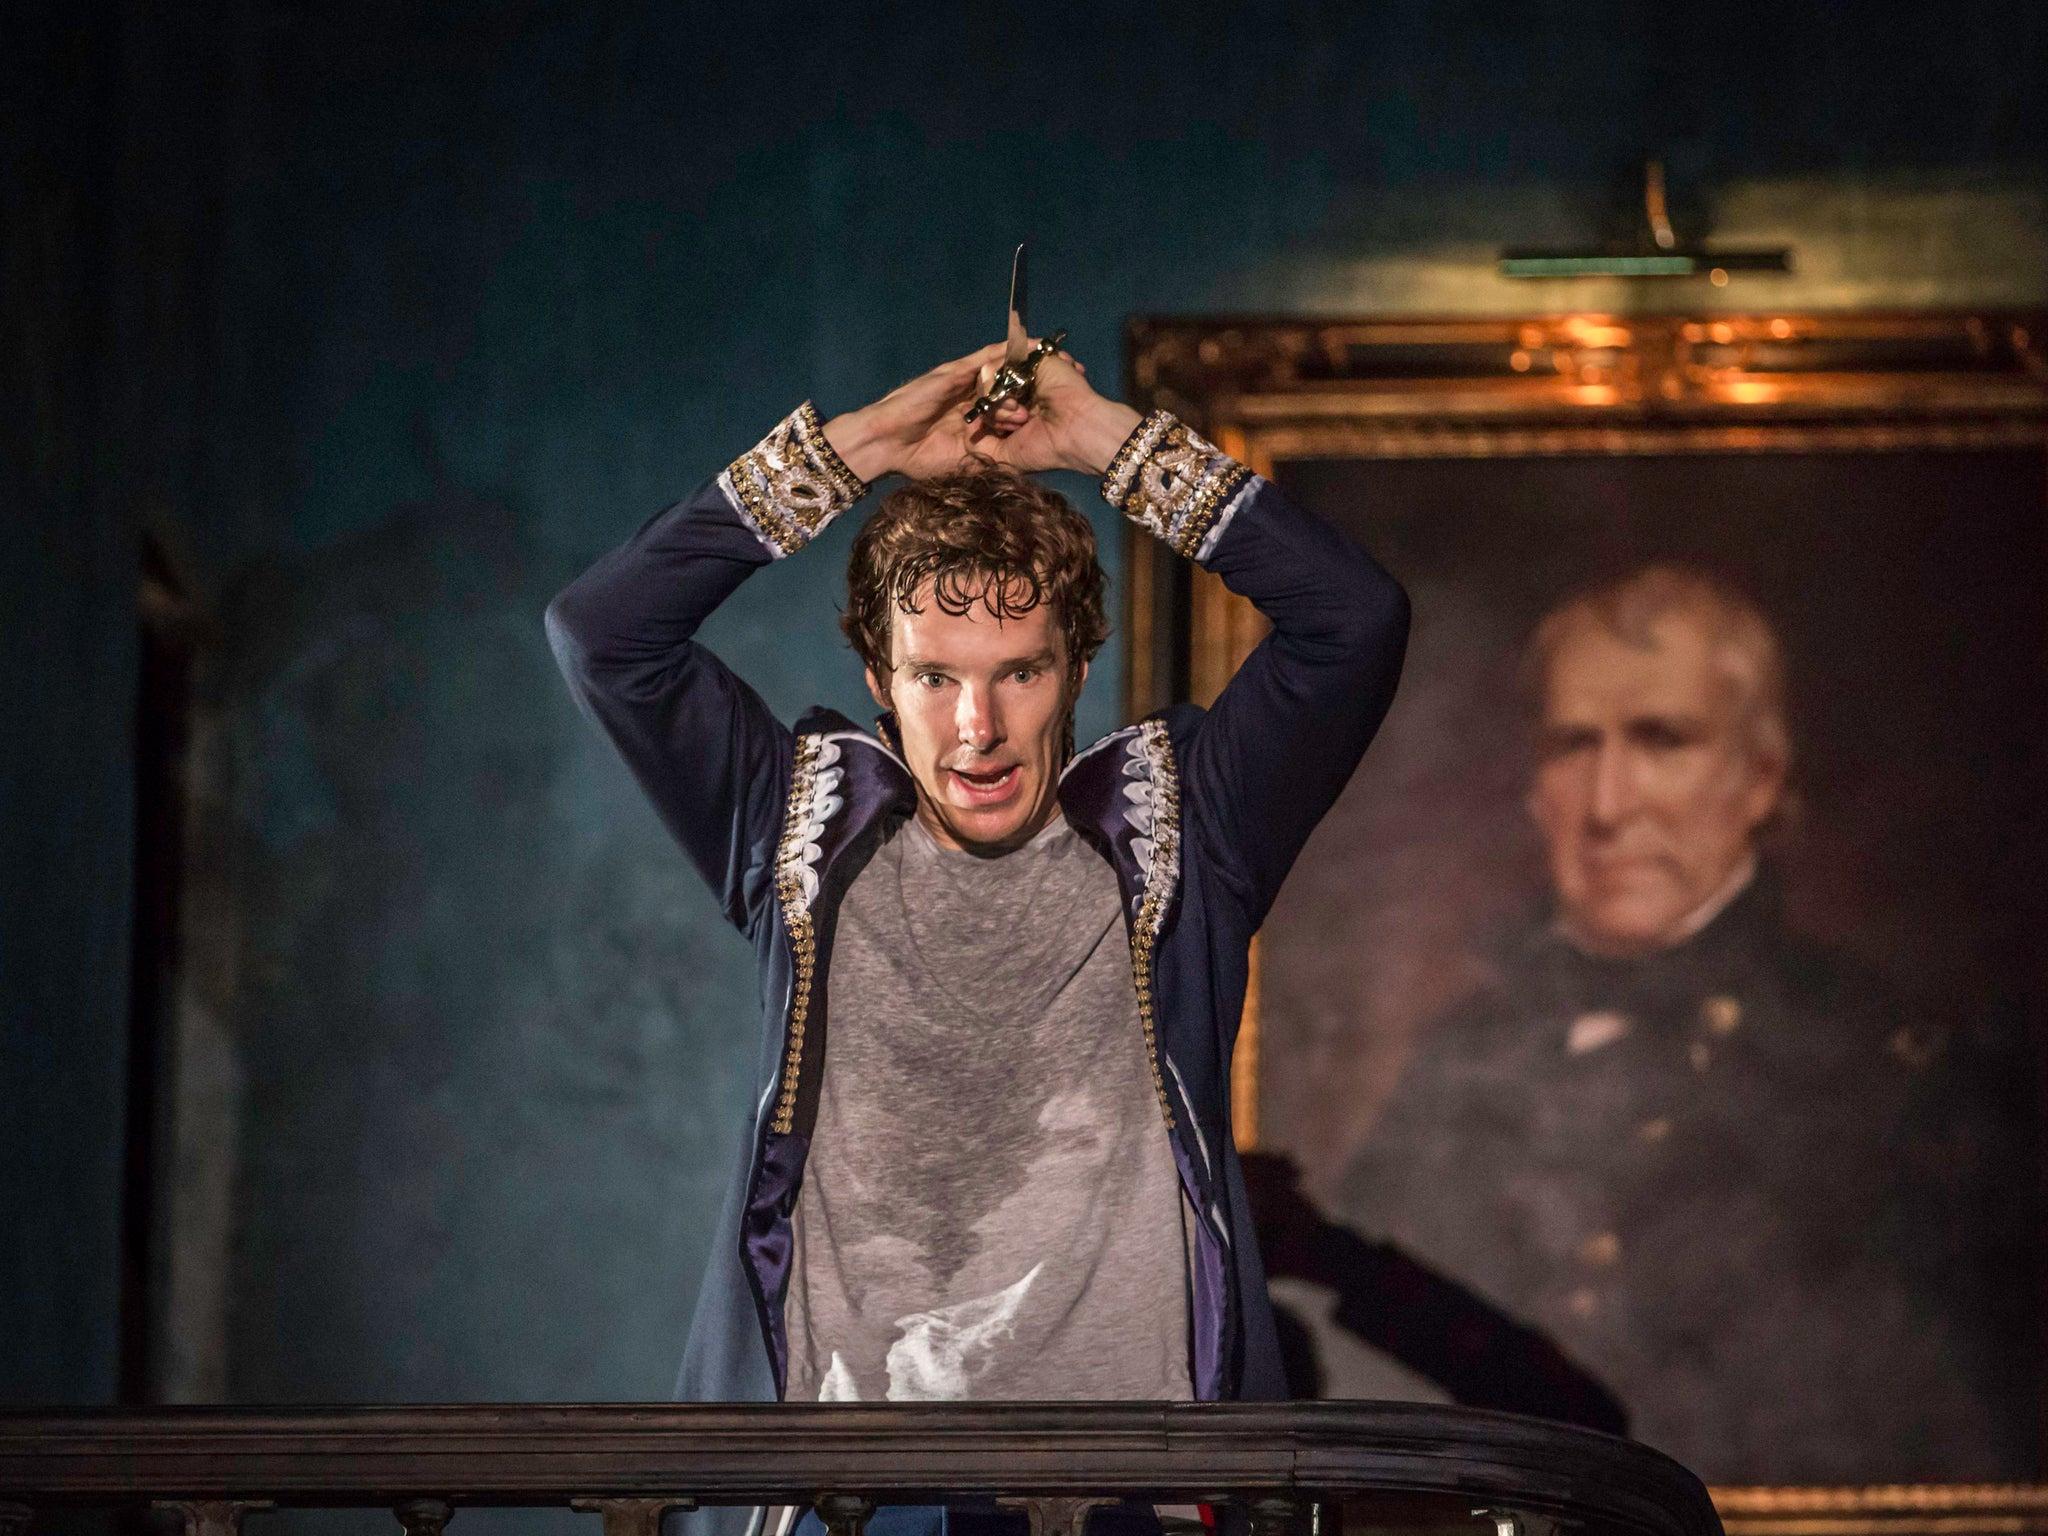 Benedict Timothy Carlton Cumberbatch CBE s 19 heinäkuuta 1976 Lontoo Englanti on brittiläinen näyttelijä ja elokuvatuottaja Hän on työskennellyt sekä